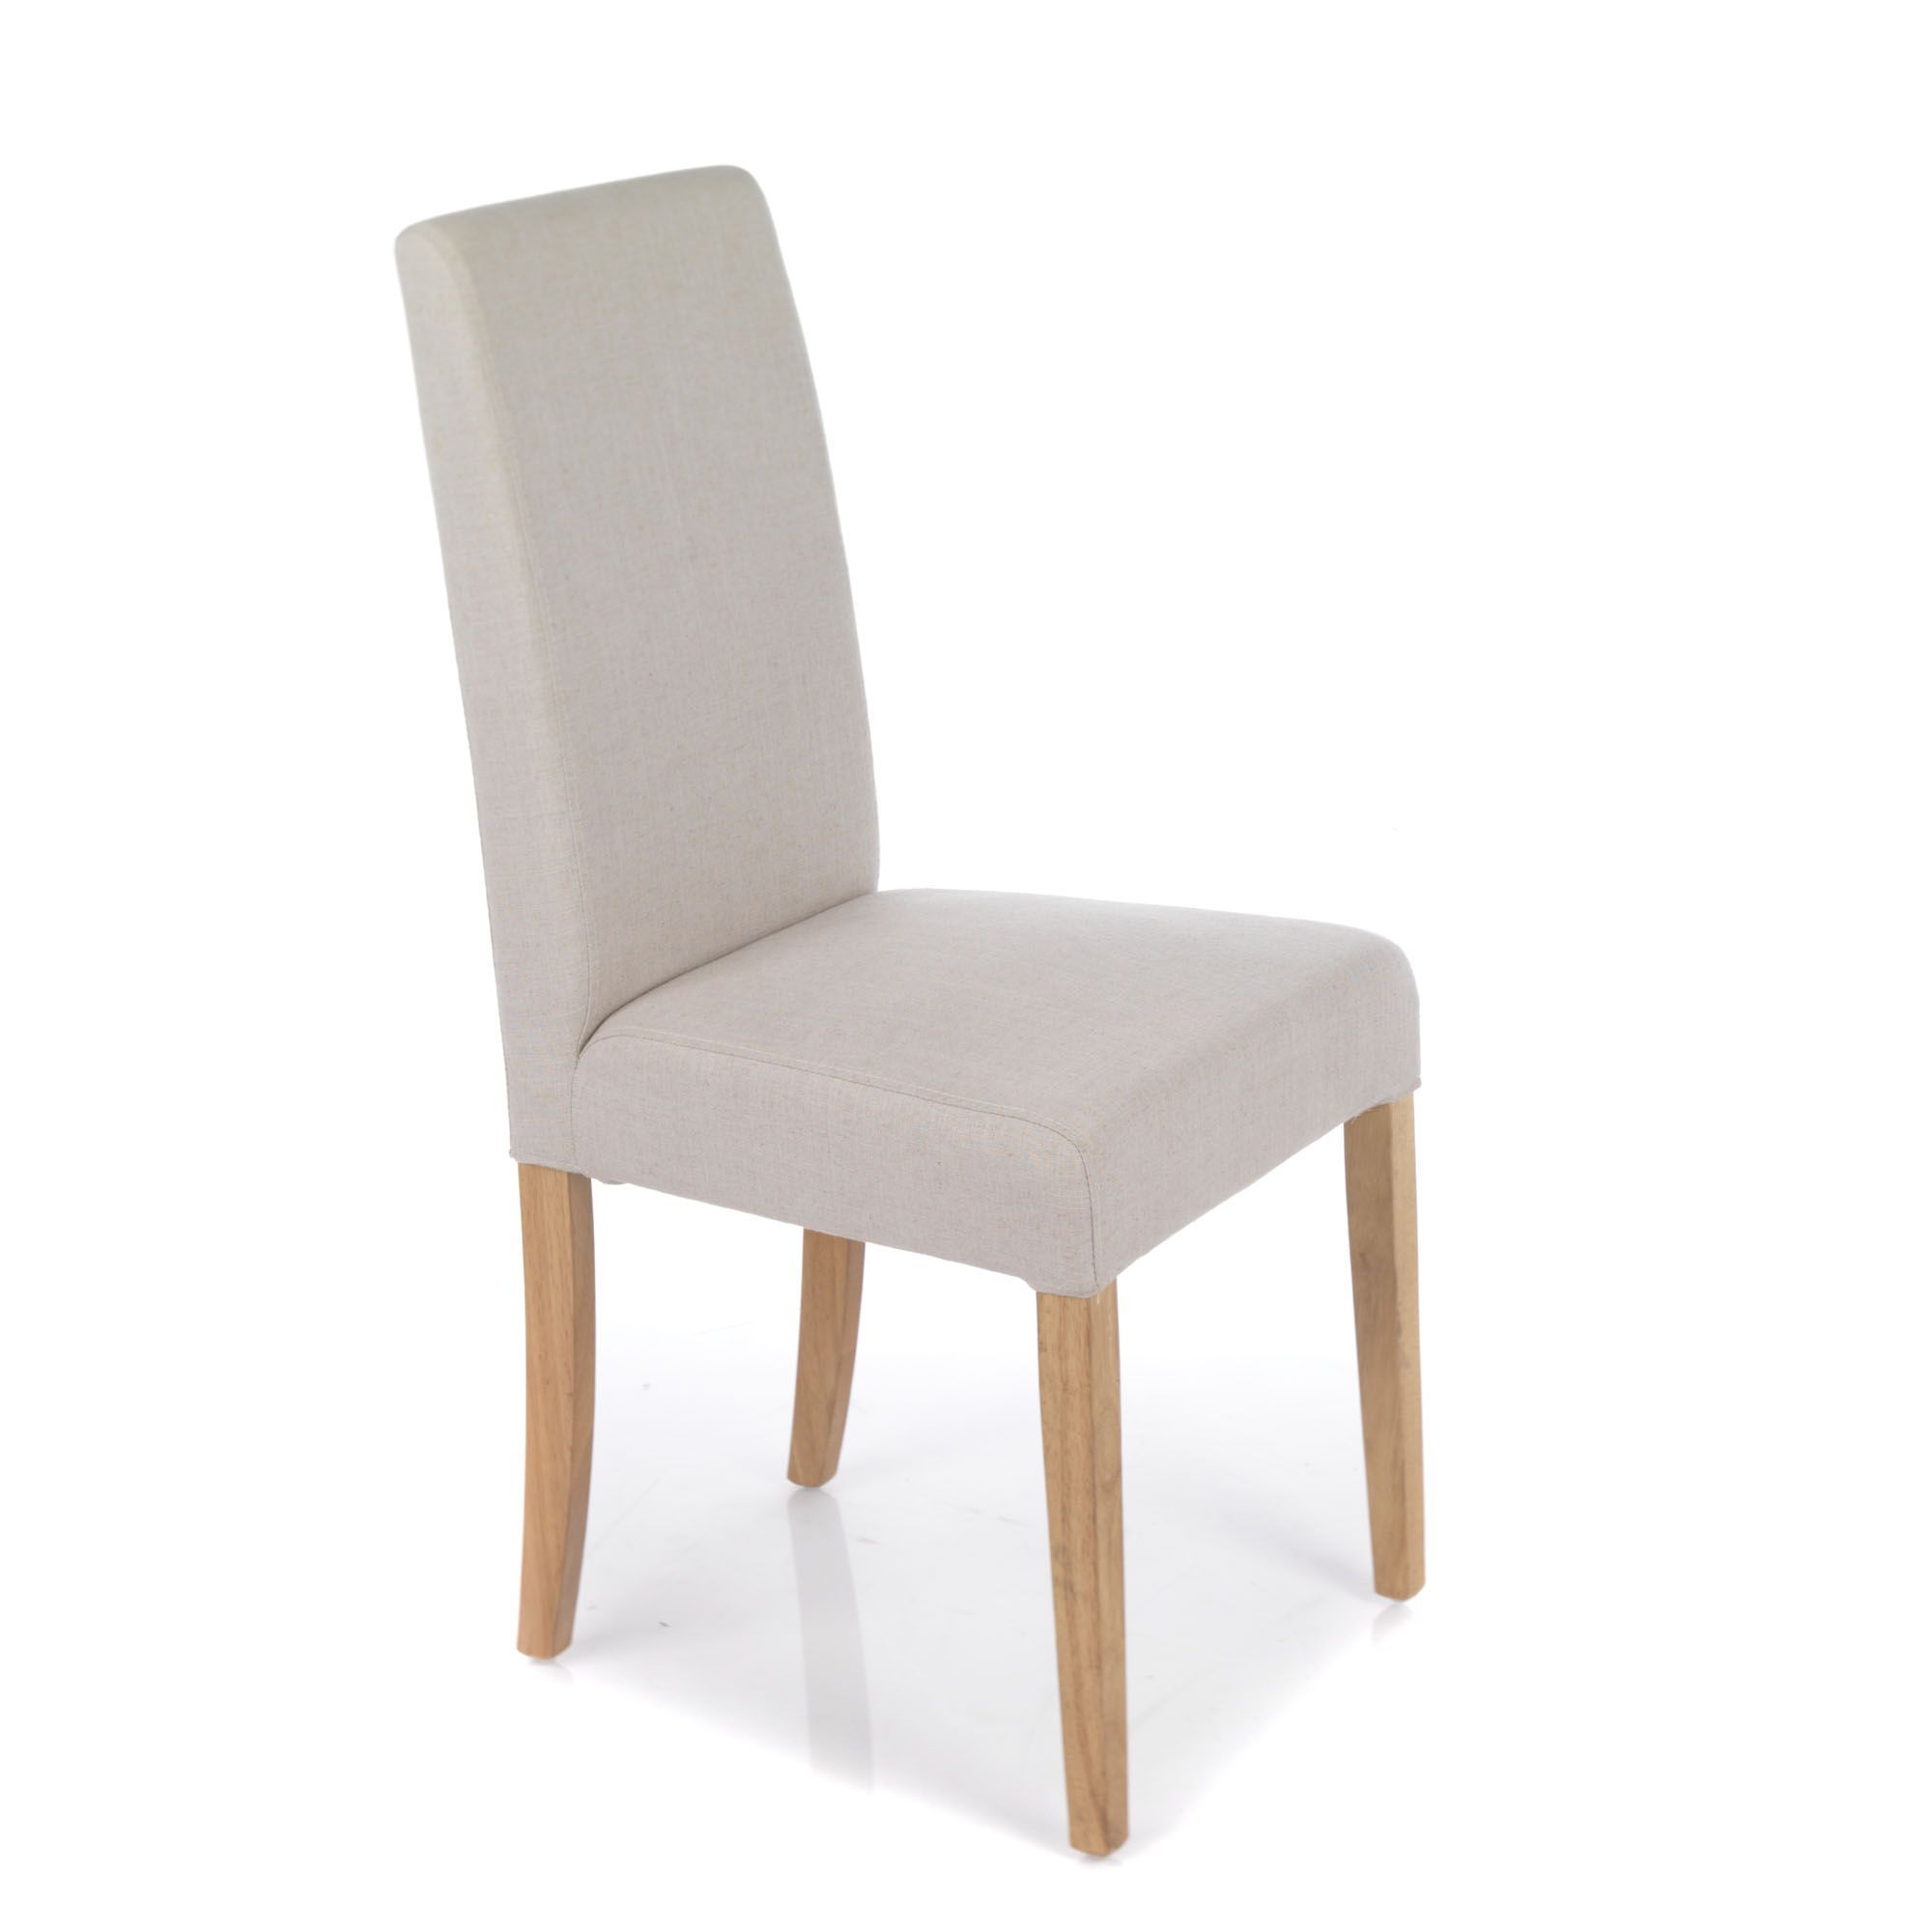 Housse De Chaise Beige En Lin Beige Monroe Chaises Tables Et Chaises Salon Et Salle Housses Chaises Salle A Manger Chaise Salle A Manger Console Meuble